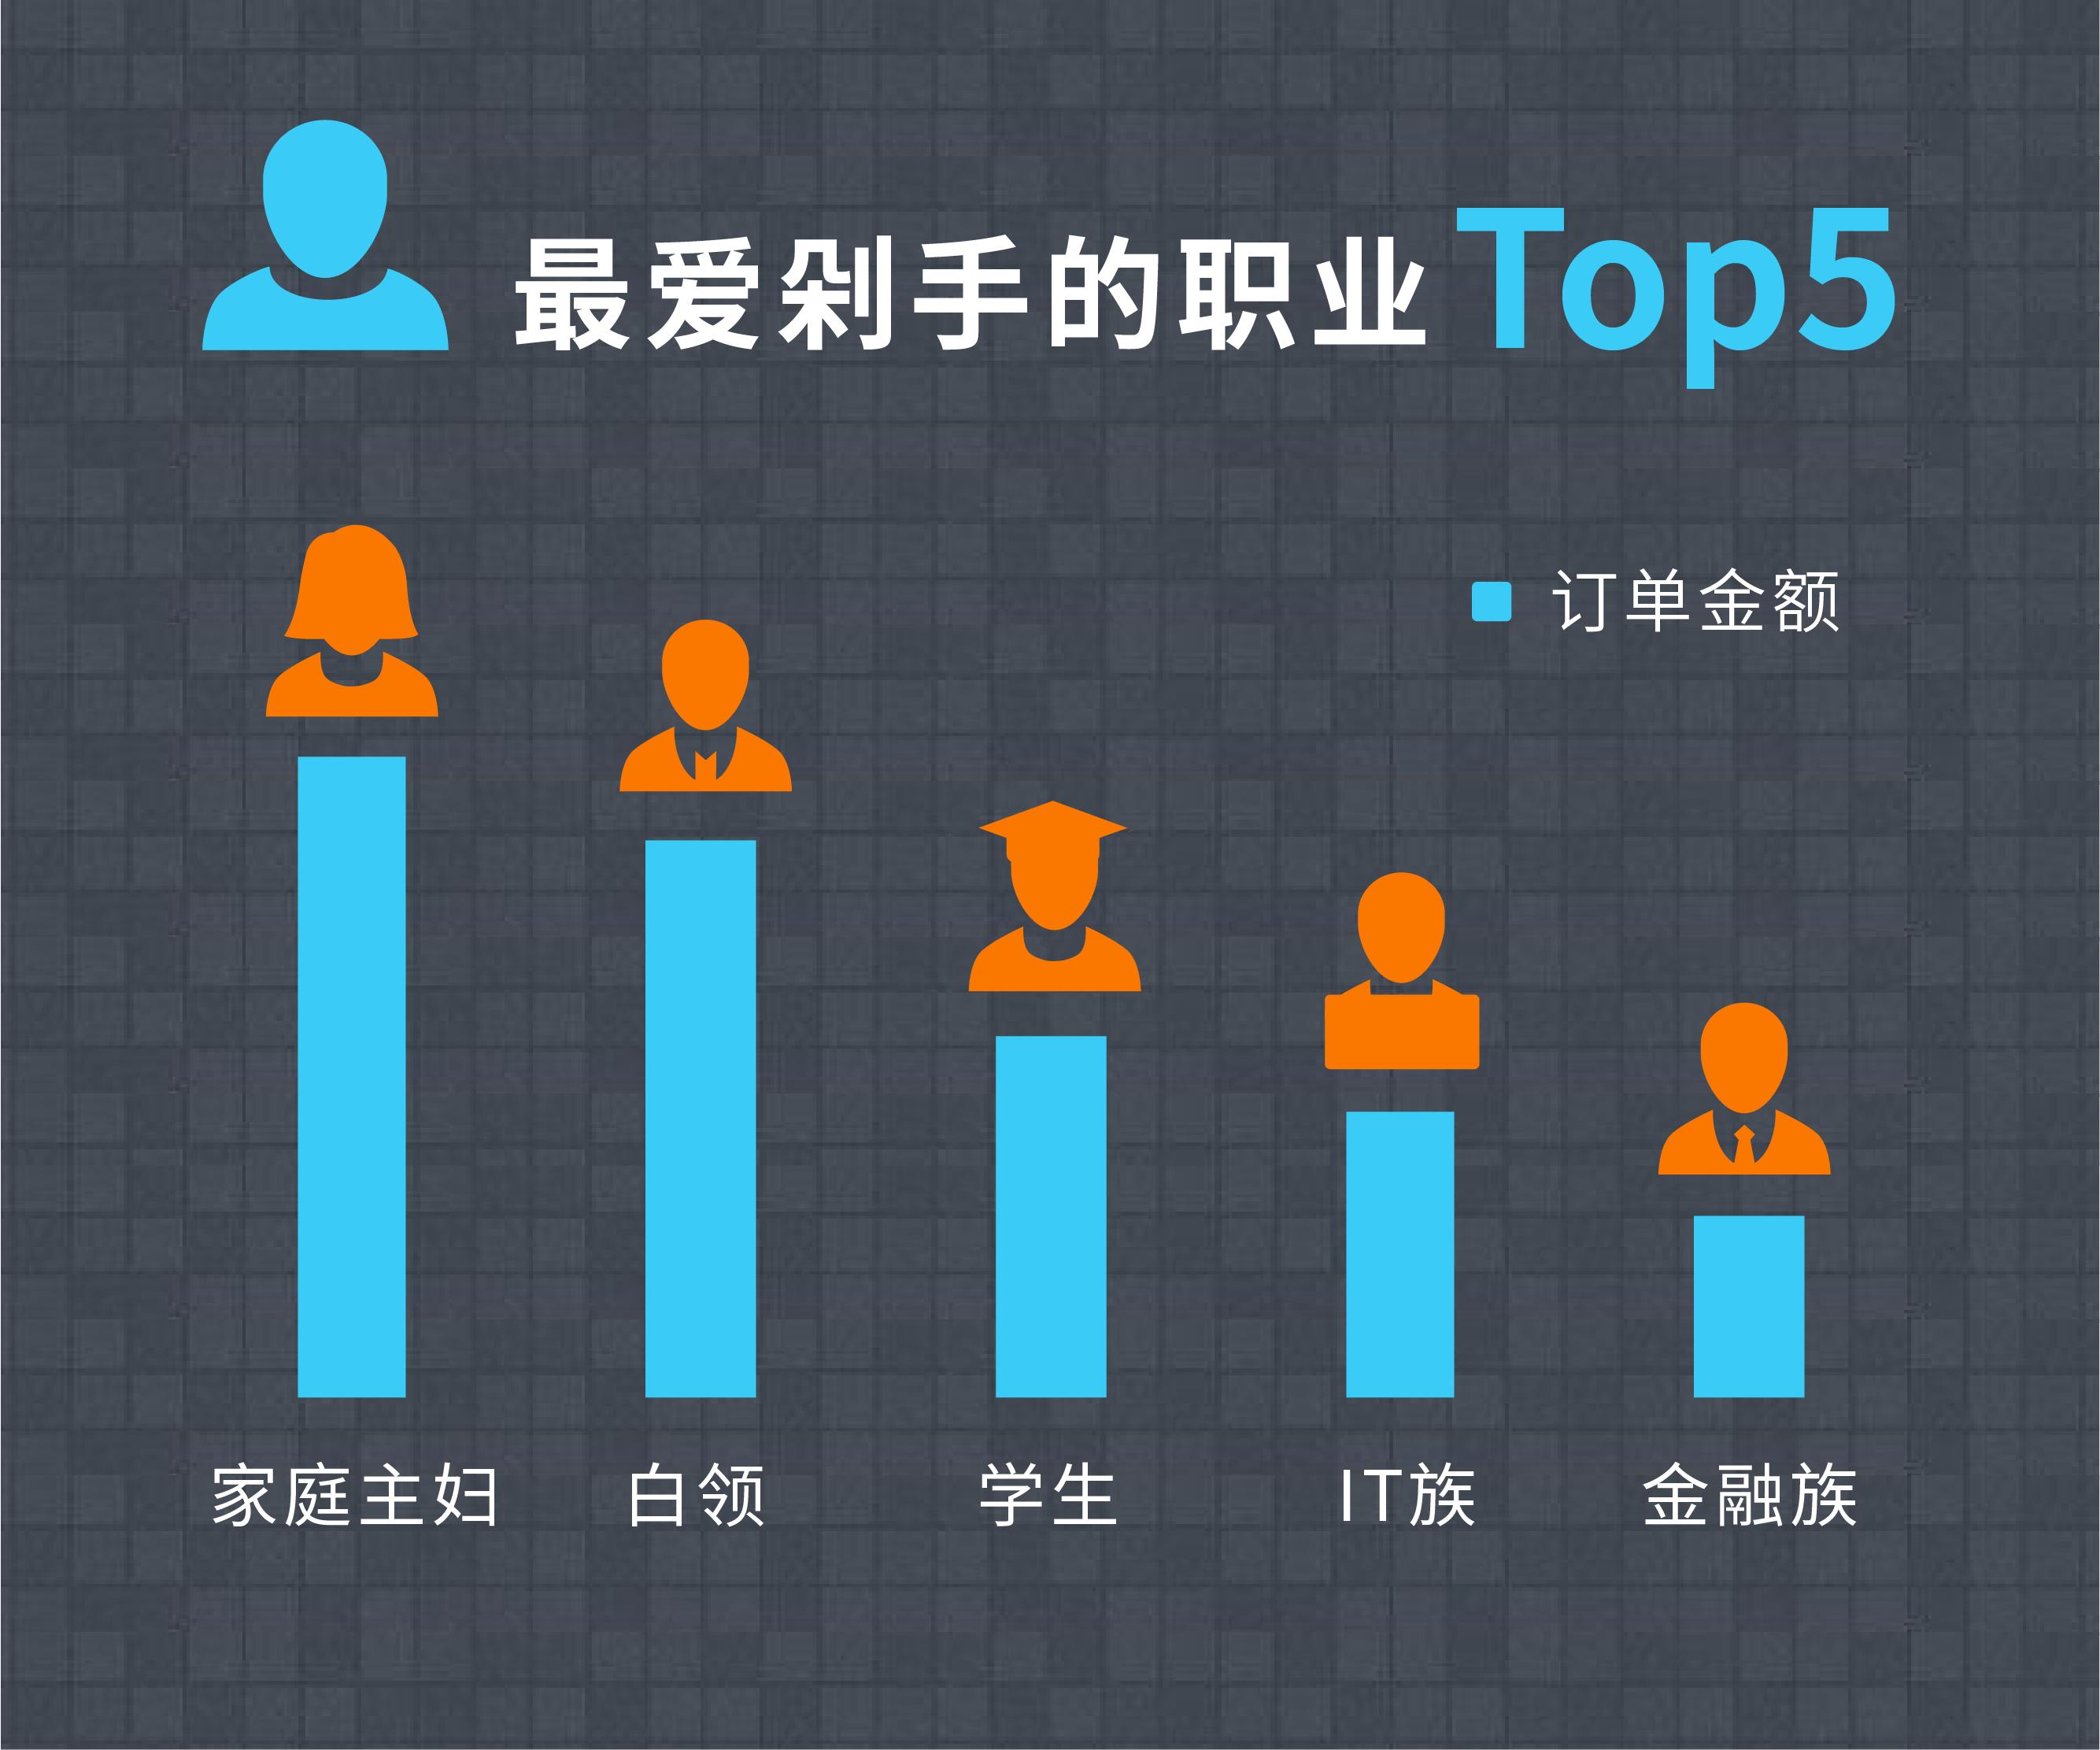 微信双十一短信营销数据图表-12.png